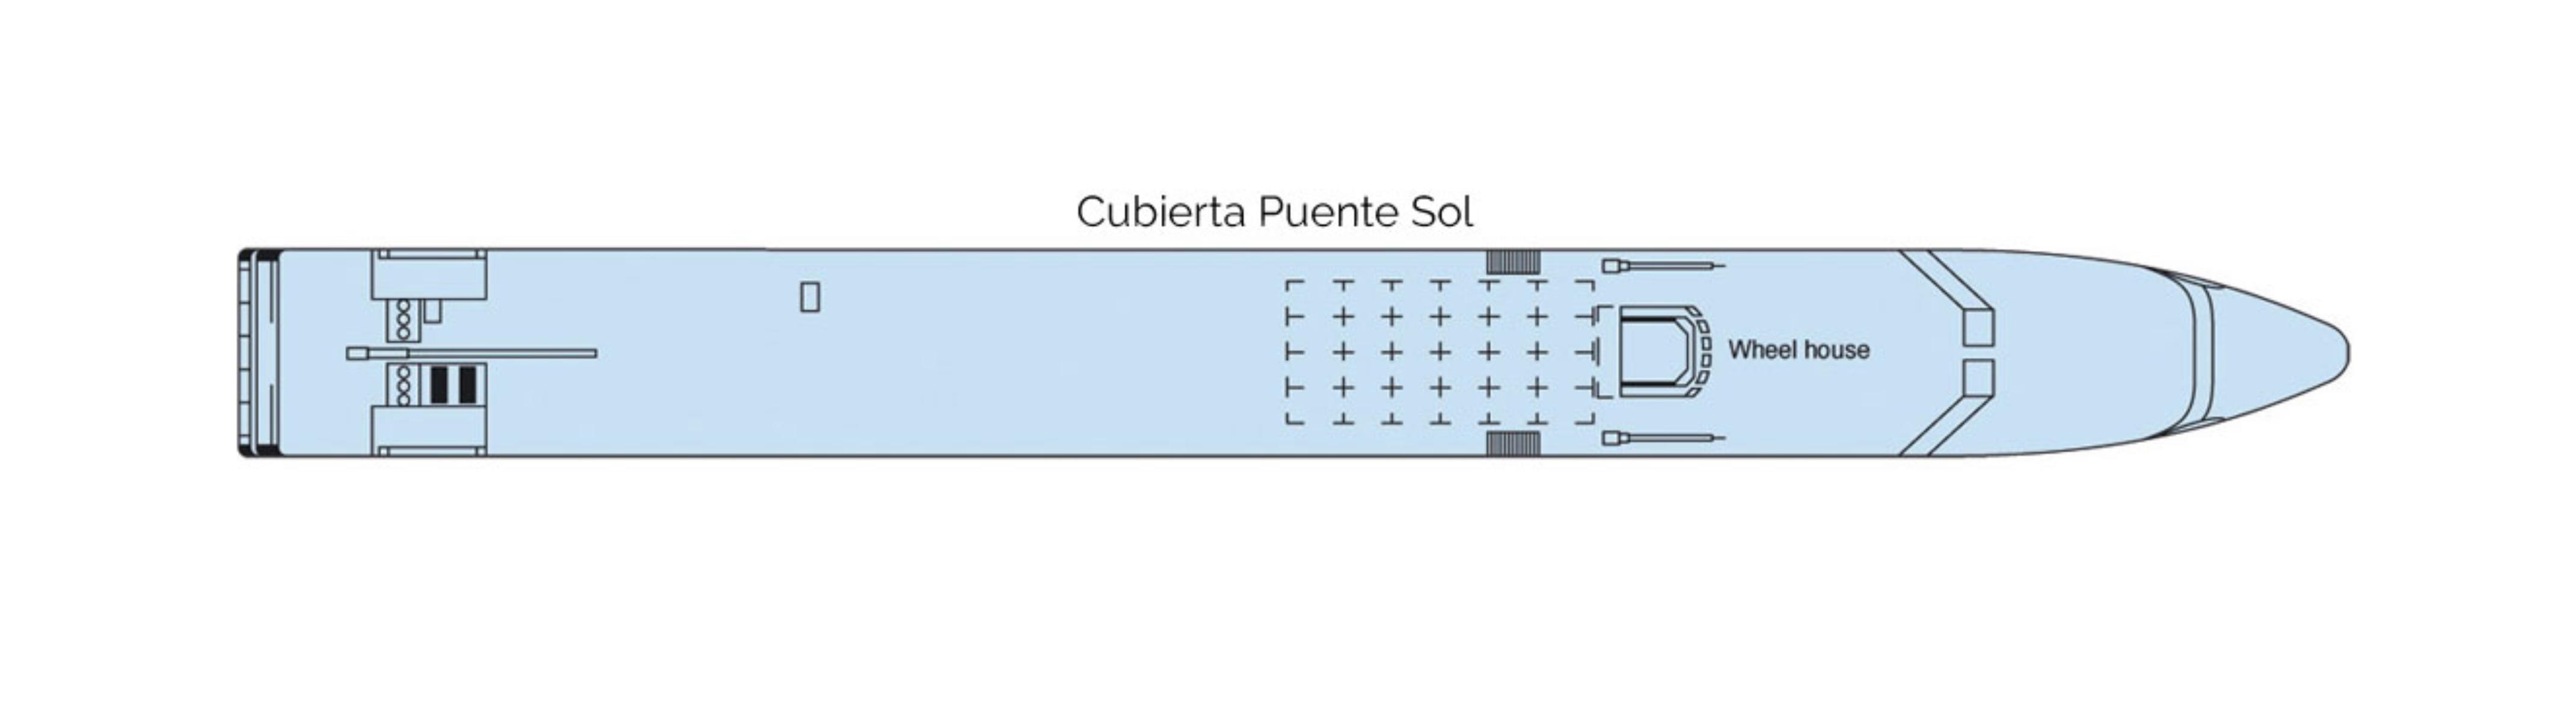 Cubierta Puente Sol